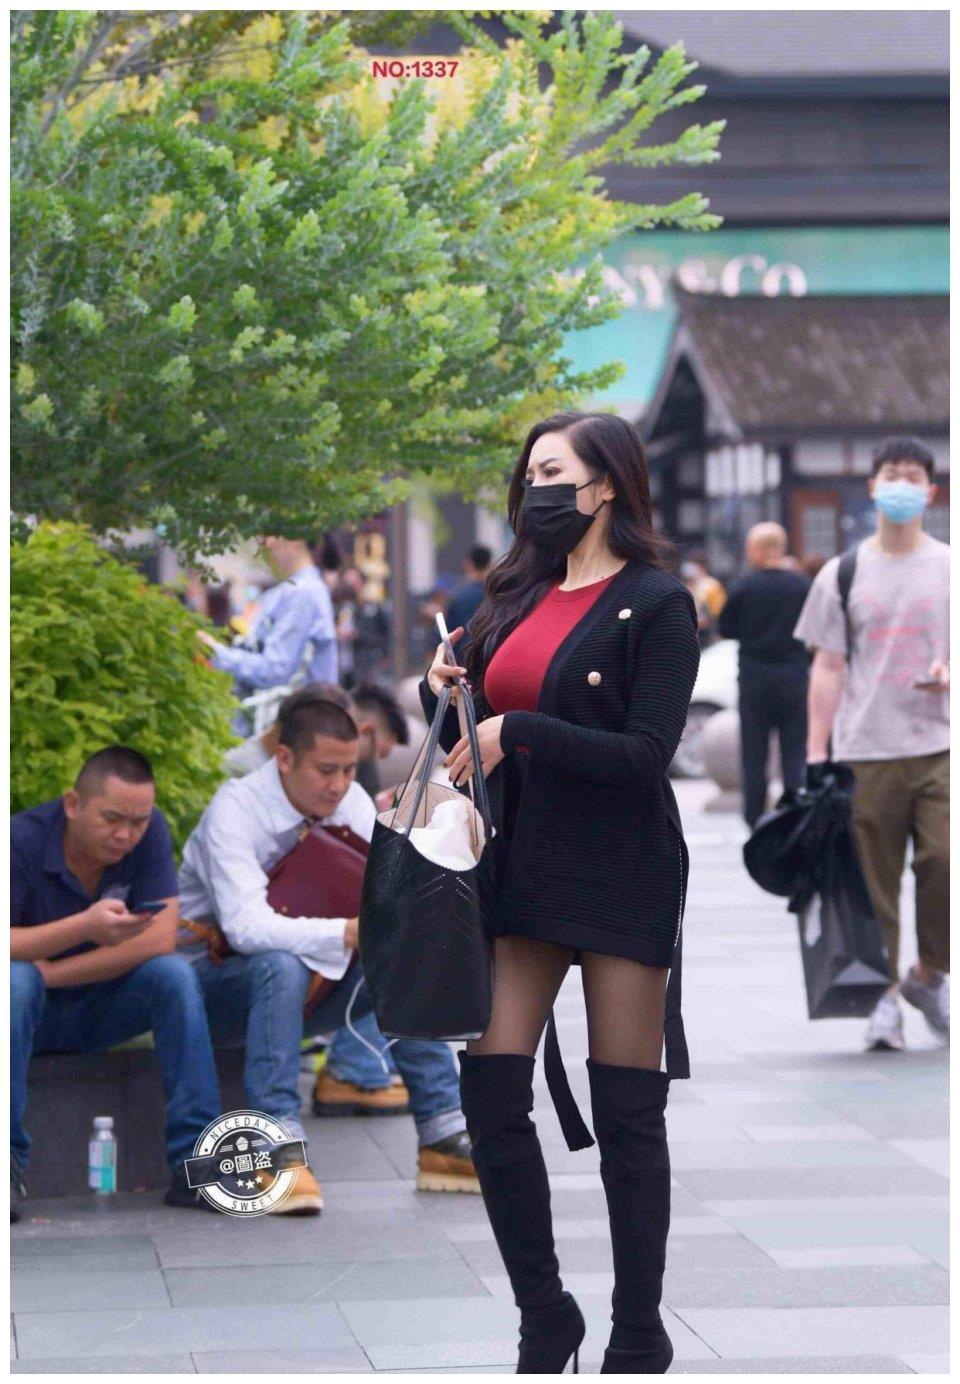 青春时尚的连衣裙装扮,展示年轻女孩的时尚表情,搭配凉鞋